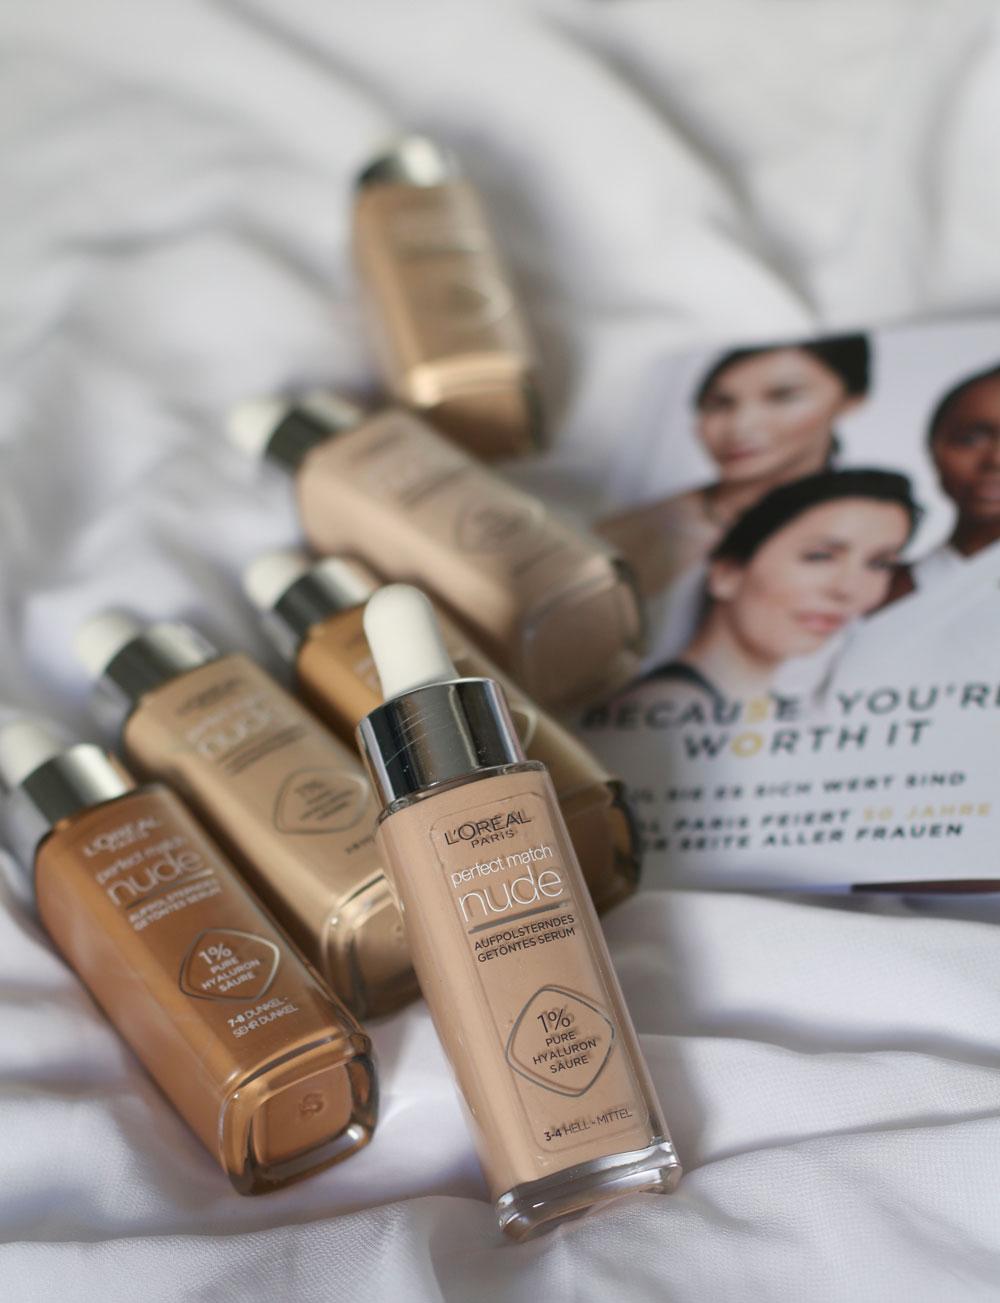 Schnell und effizient: In der Rubrik Beauty-Quickie stellt sonrisa praktische Kosmetik-Artikel vor, mit denen sich wertvolle Zeit einsparen lässt - wie etwa dem neuen Perfect Match getönten Serum von L' Oréal Paris.